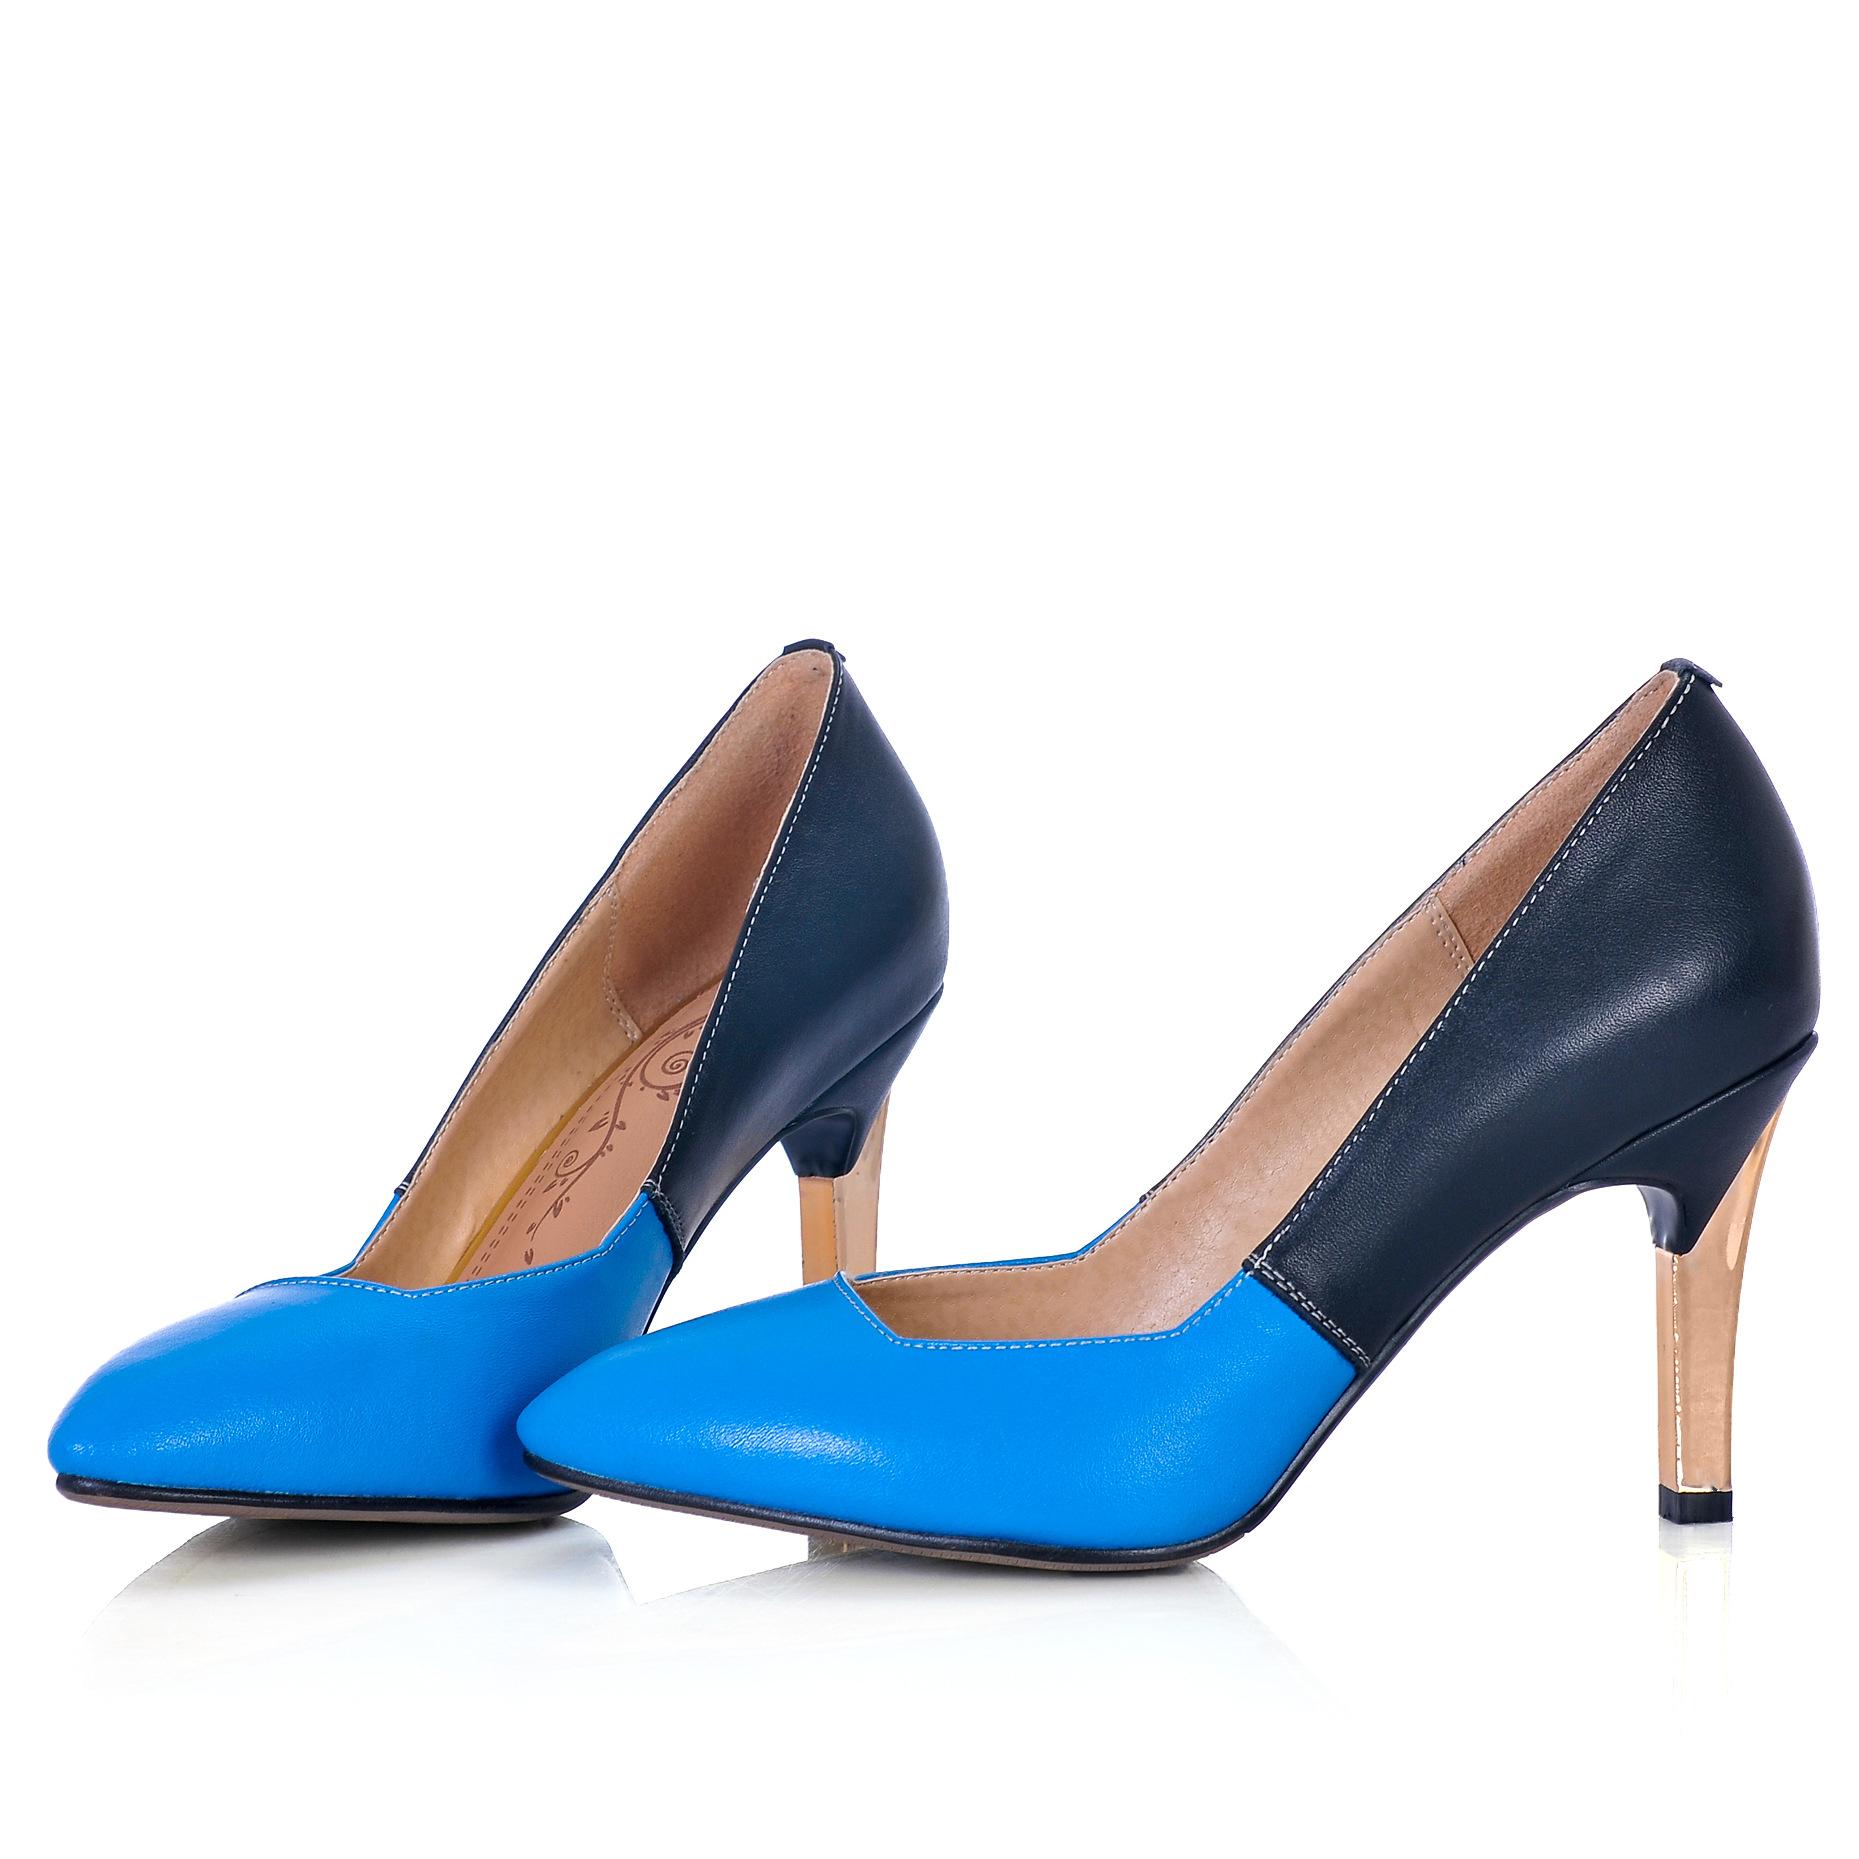 2014春新款拼色真皮高跟女鞋 金色跟小尖头高跟单鞋 外贸女鞋图片,图片